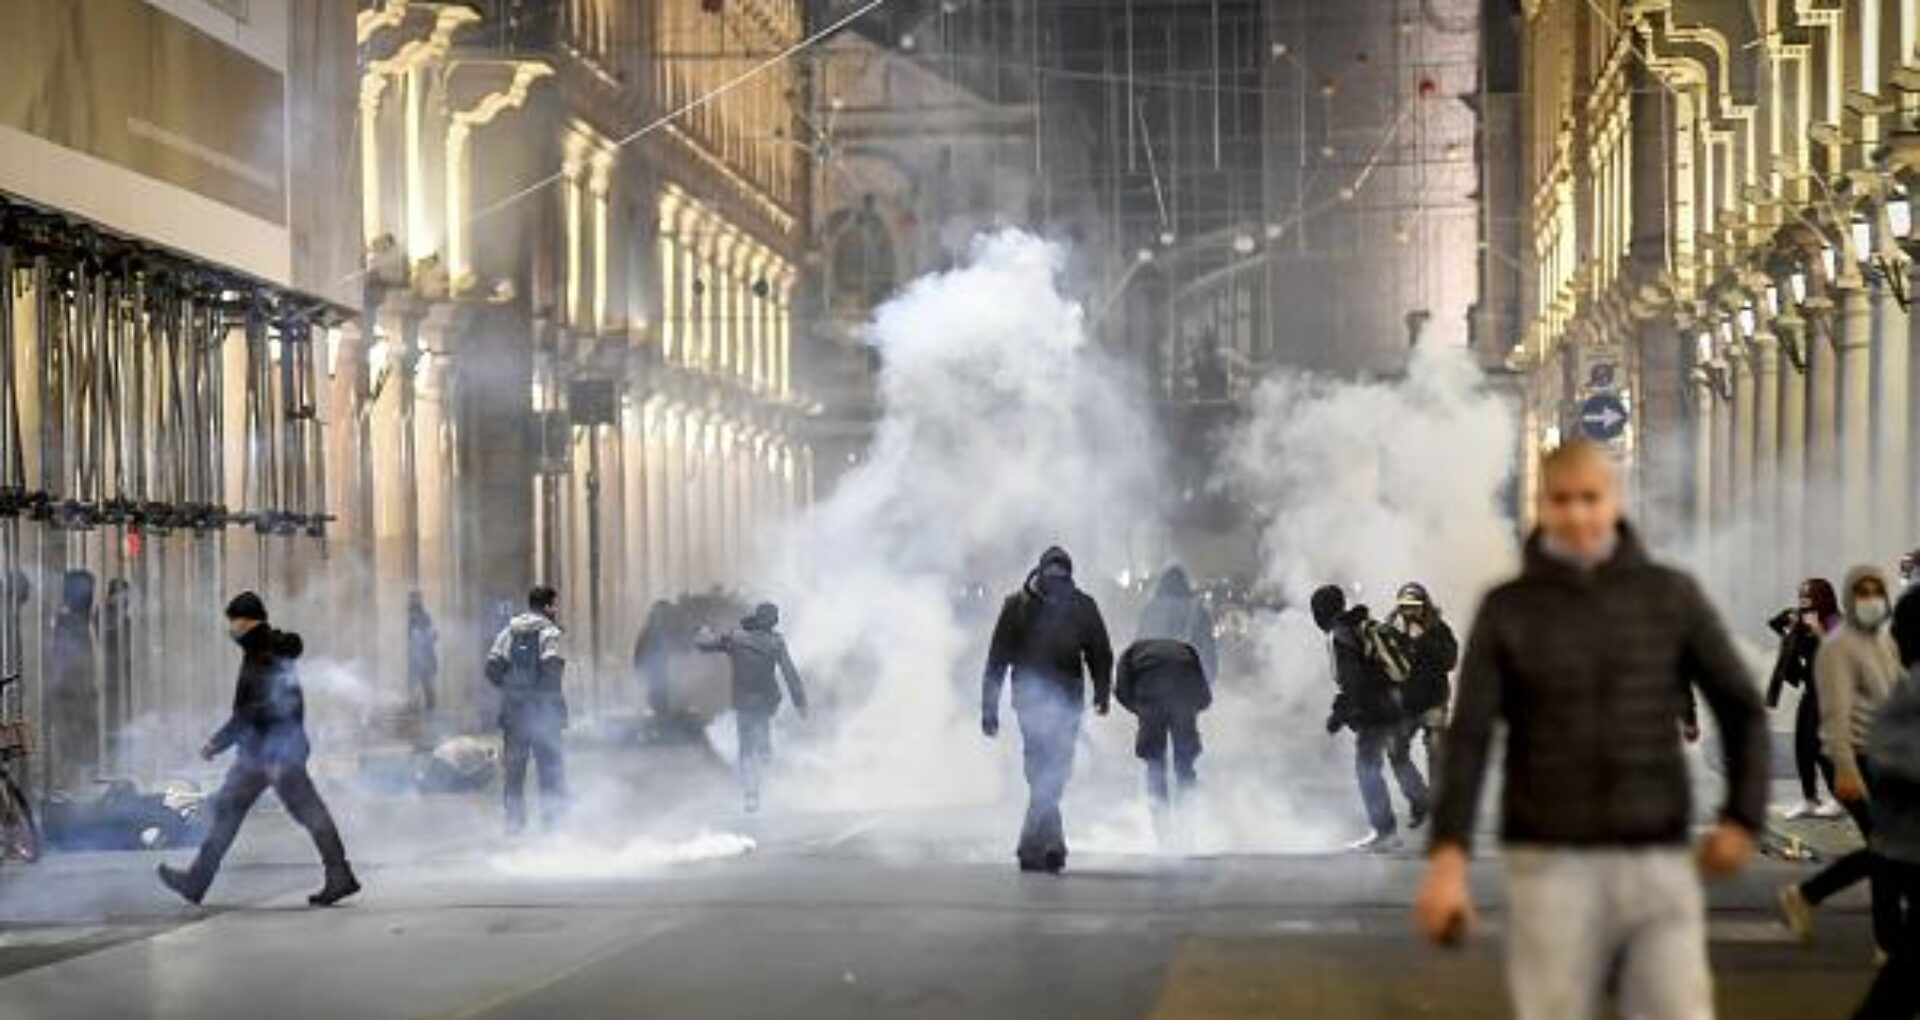 FOTO/ Italia a fost cuprinsă de un val de proteste violente, după ce au fost impuse mai multe restricții anti-covid